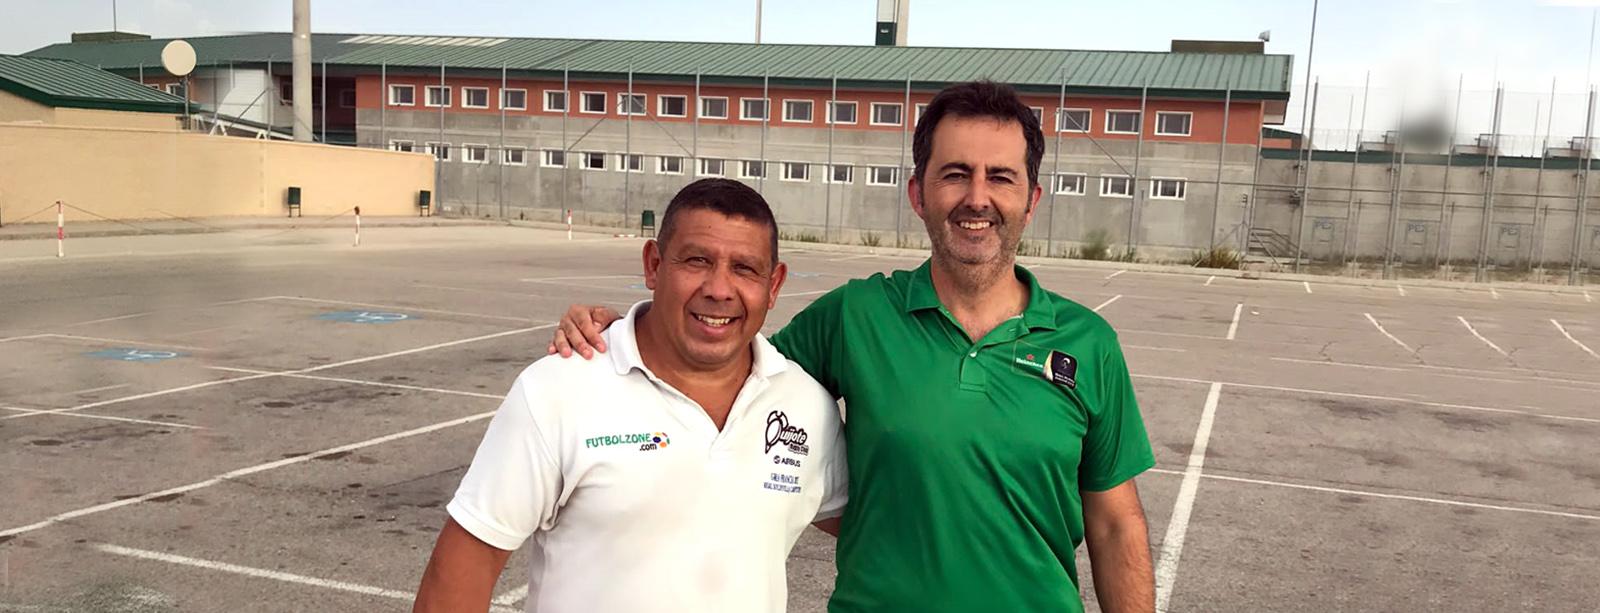 Rugby carcelario e inclusión deportiva: El Quijote RC en el Centro Penitenciario Madrid VII de Estremera